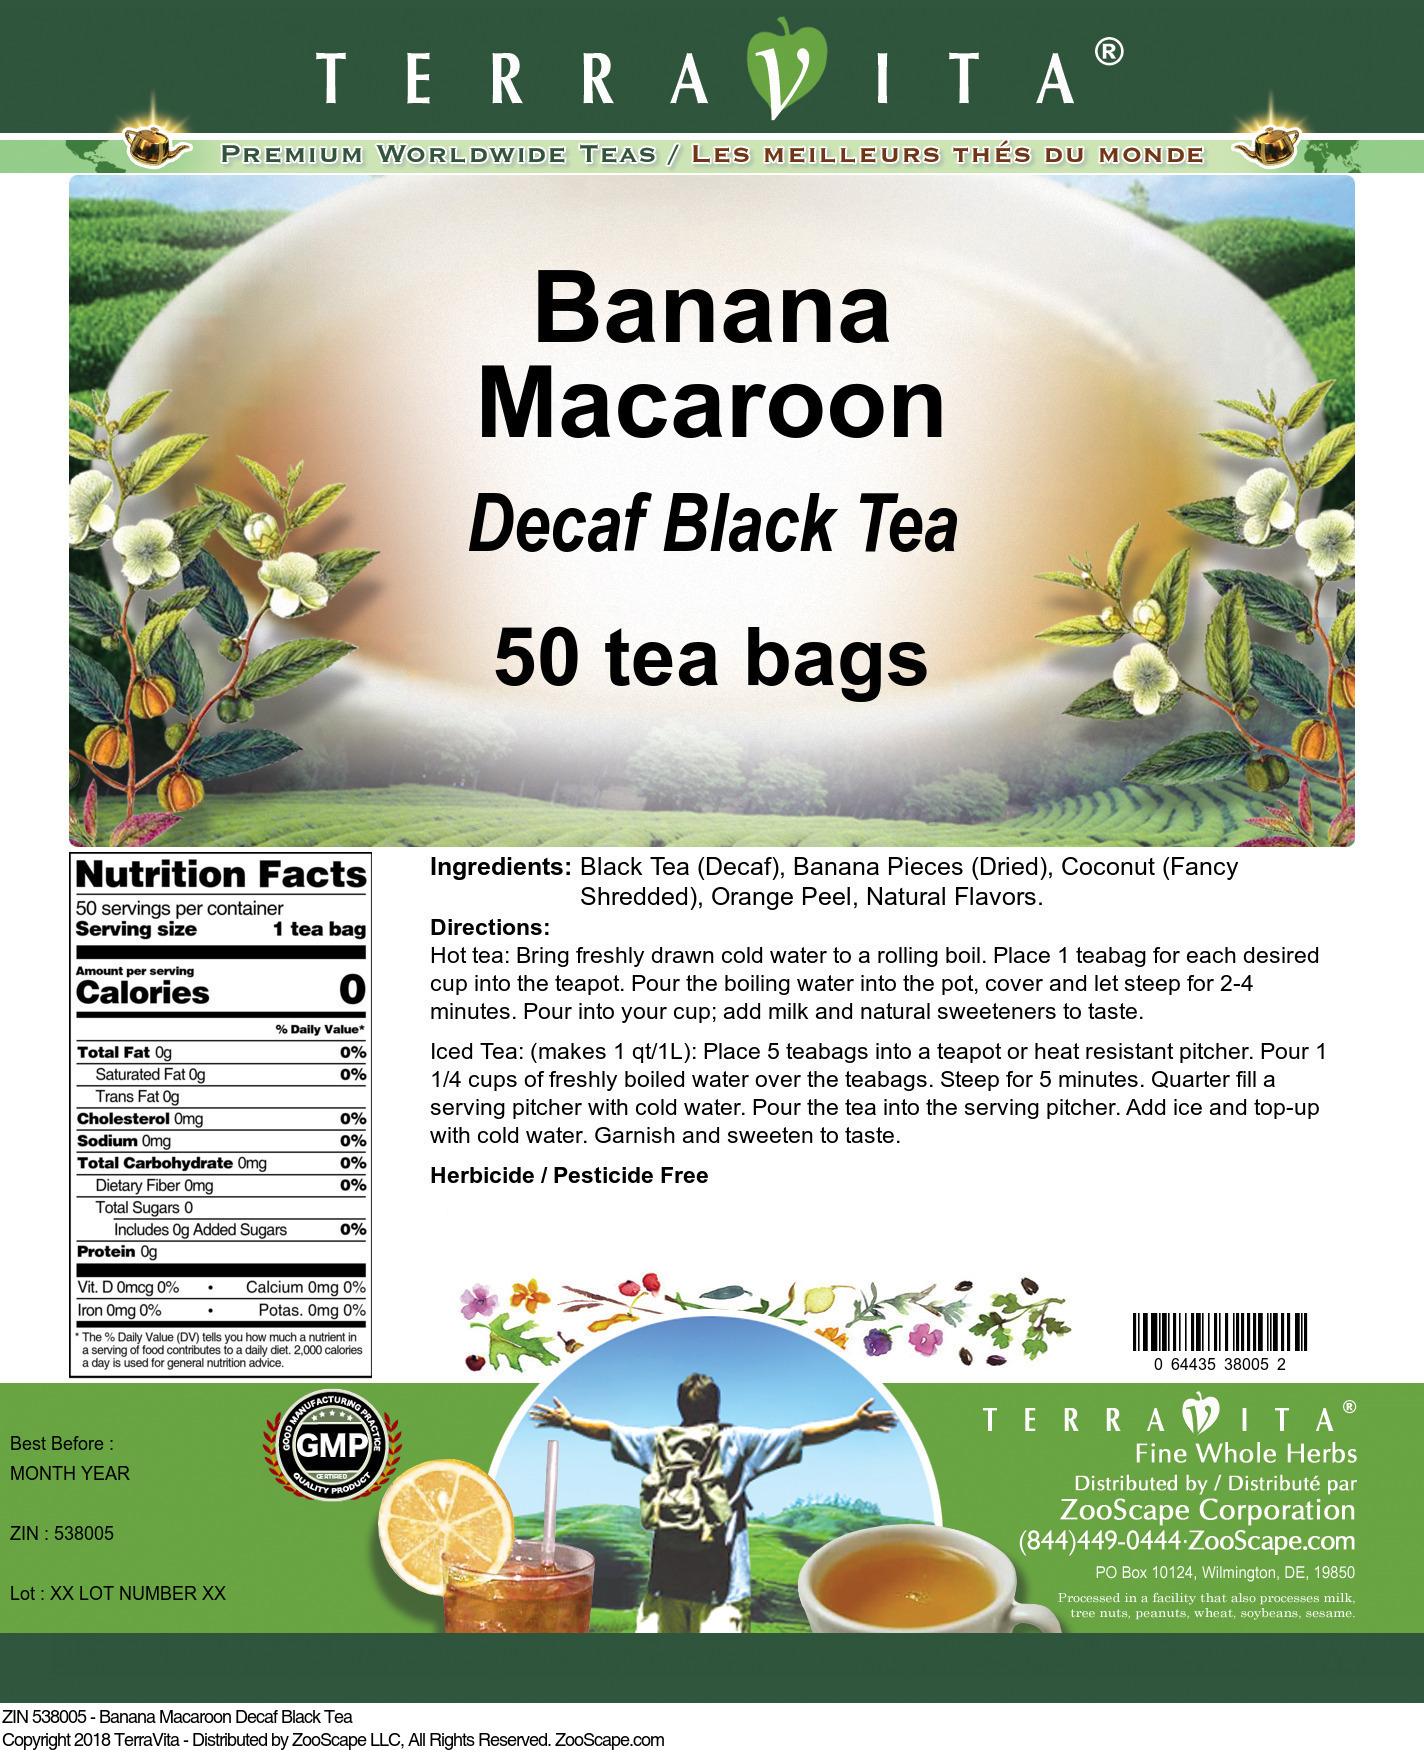 Banana Macaroon Decaf Black Tea